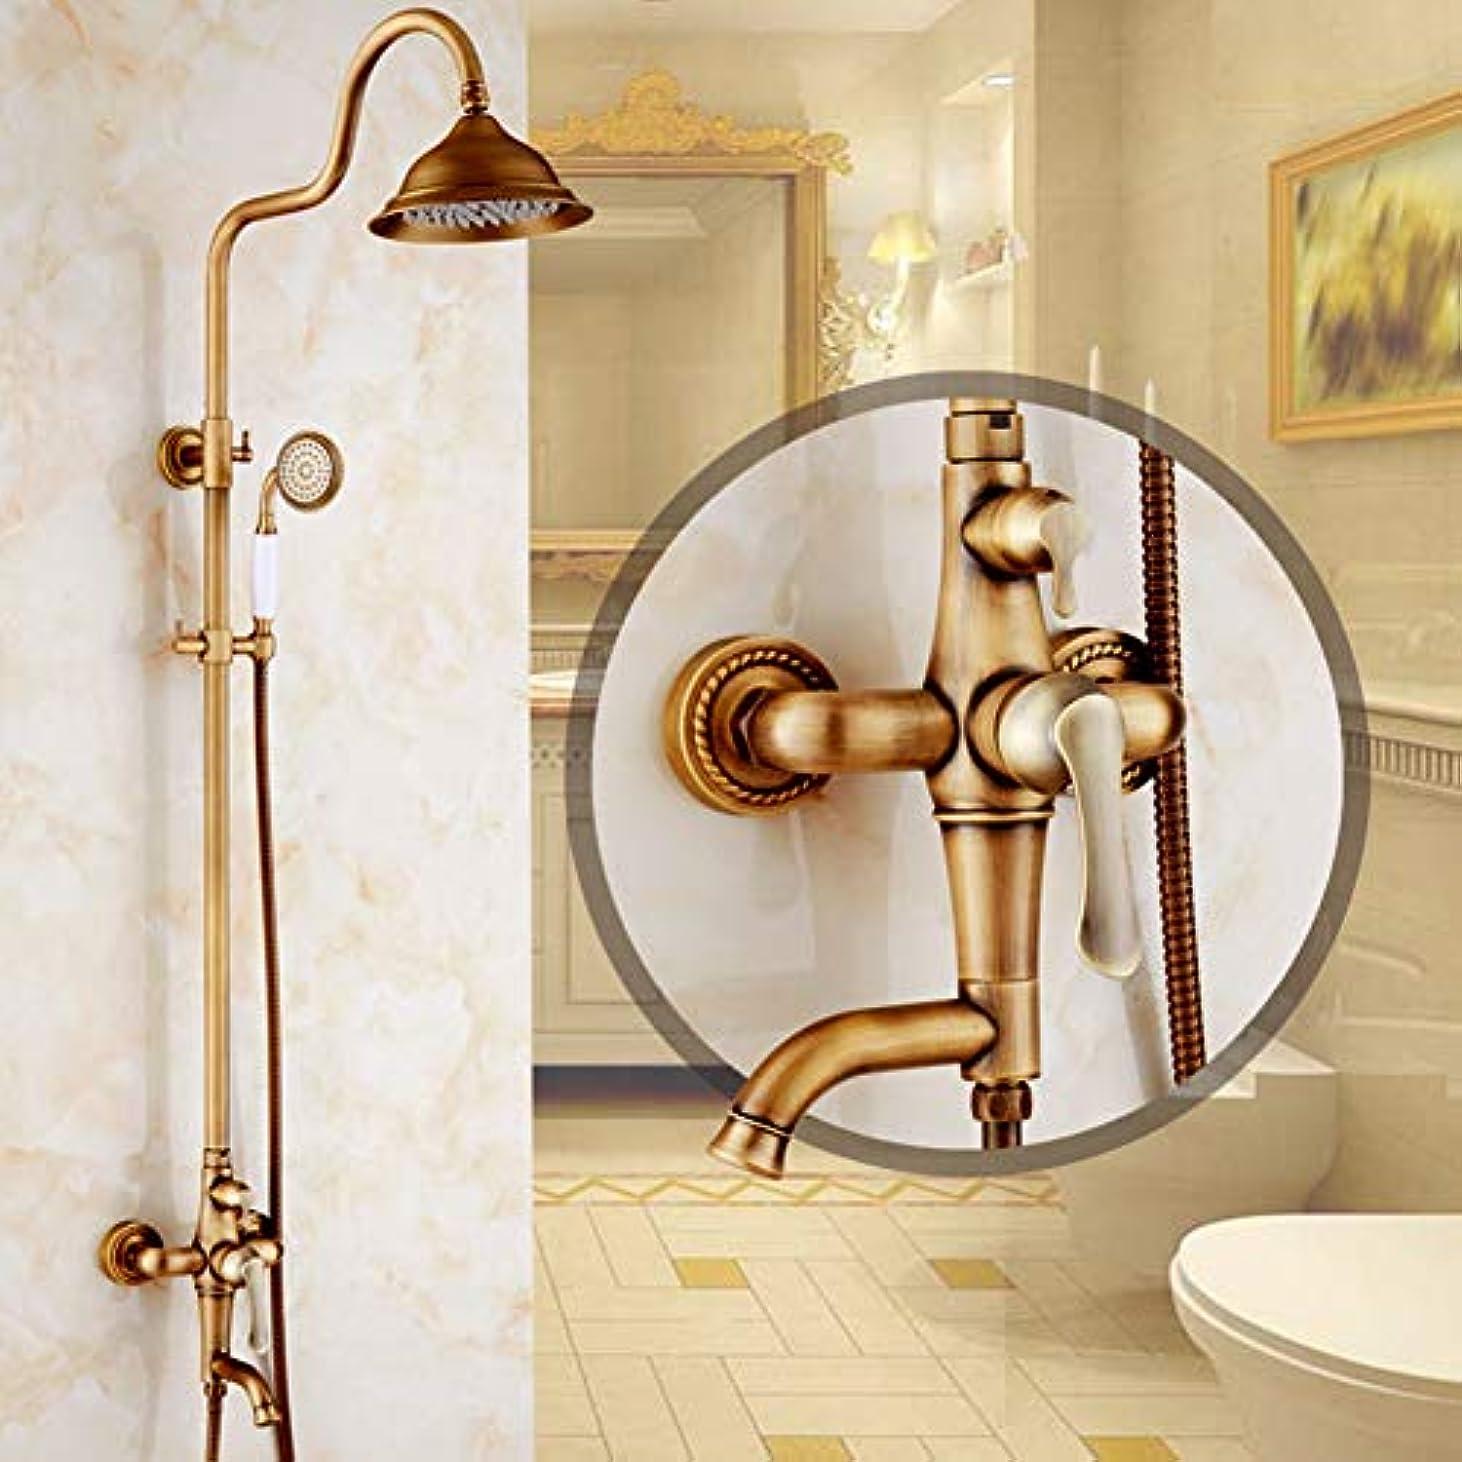 通路アームストロング無傷シャワー蛇口 - アンティークアンティーク銅Centersetセラミックバルブ2穴すべての銅ヨーロッパのレトロシャワーアンティークシャワーセットは、シャワーの蛇口を持ち上げて回転することができます